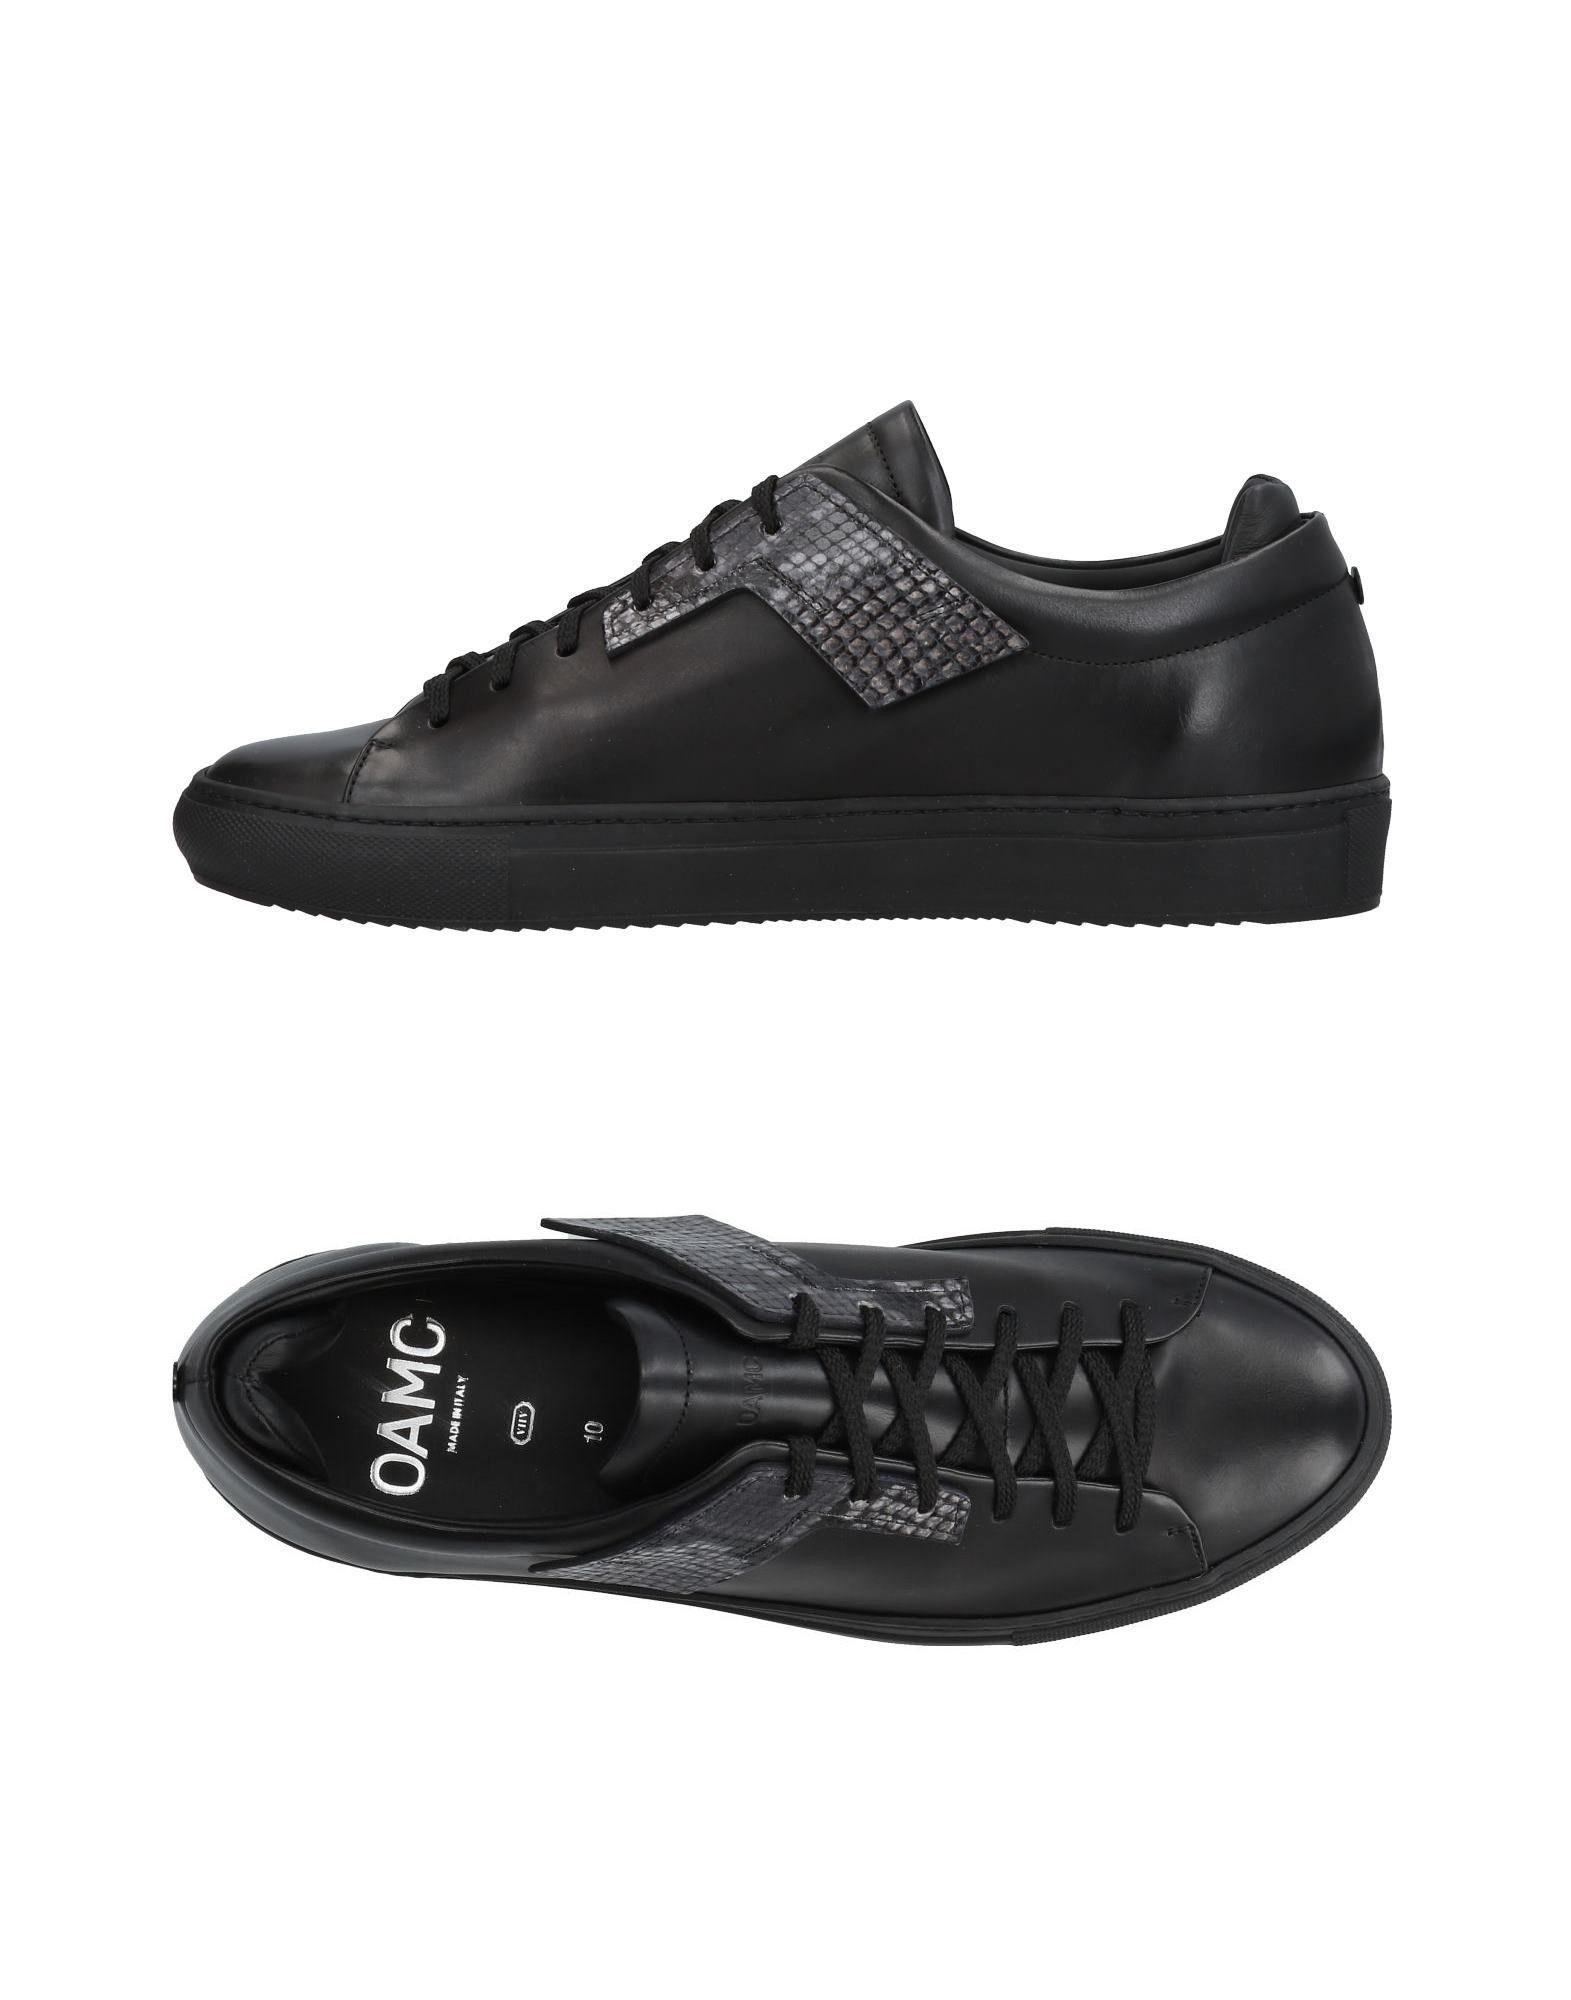 Oamc Sneakers Herren  11428918OW Gute Qualität beliebte Schuhe